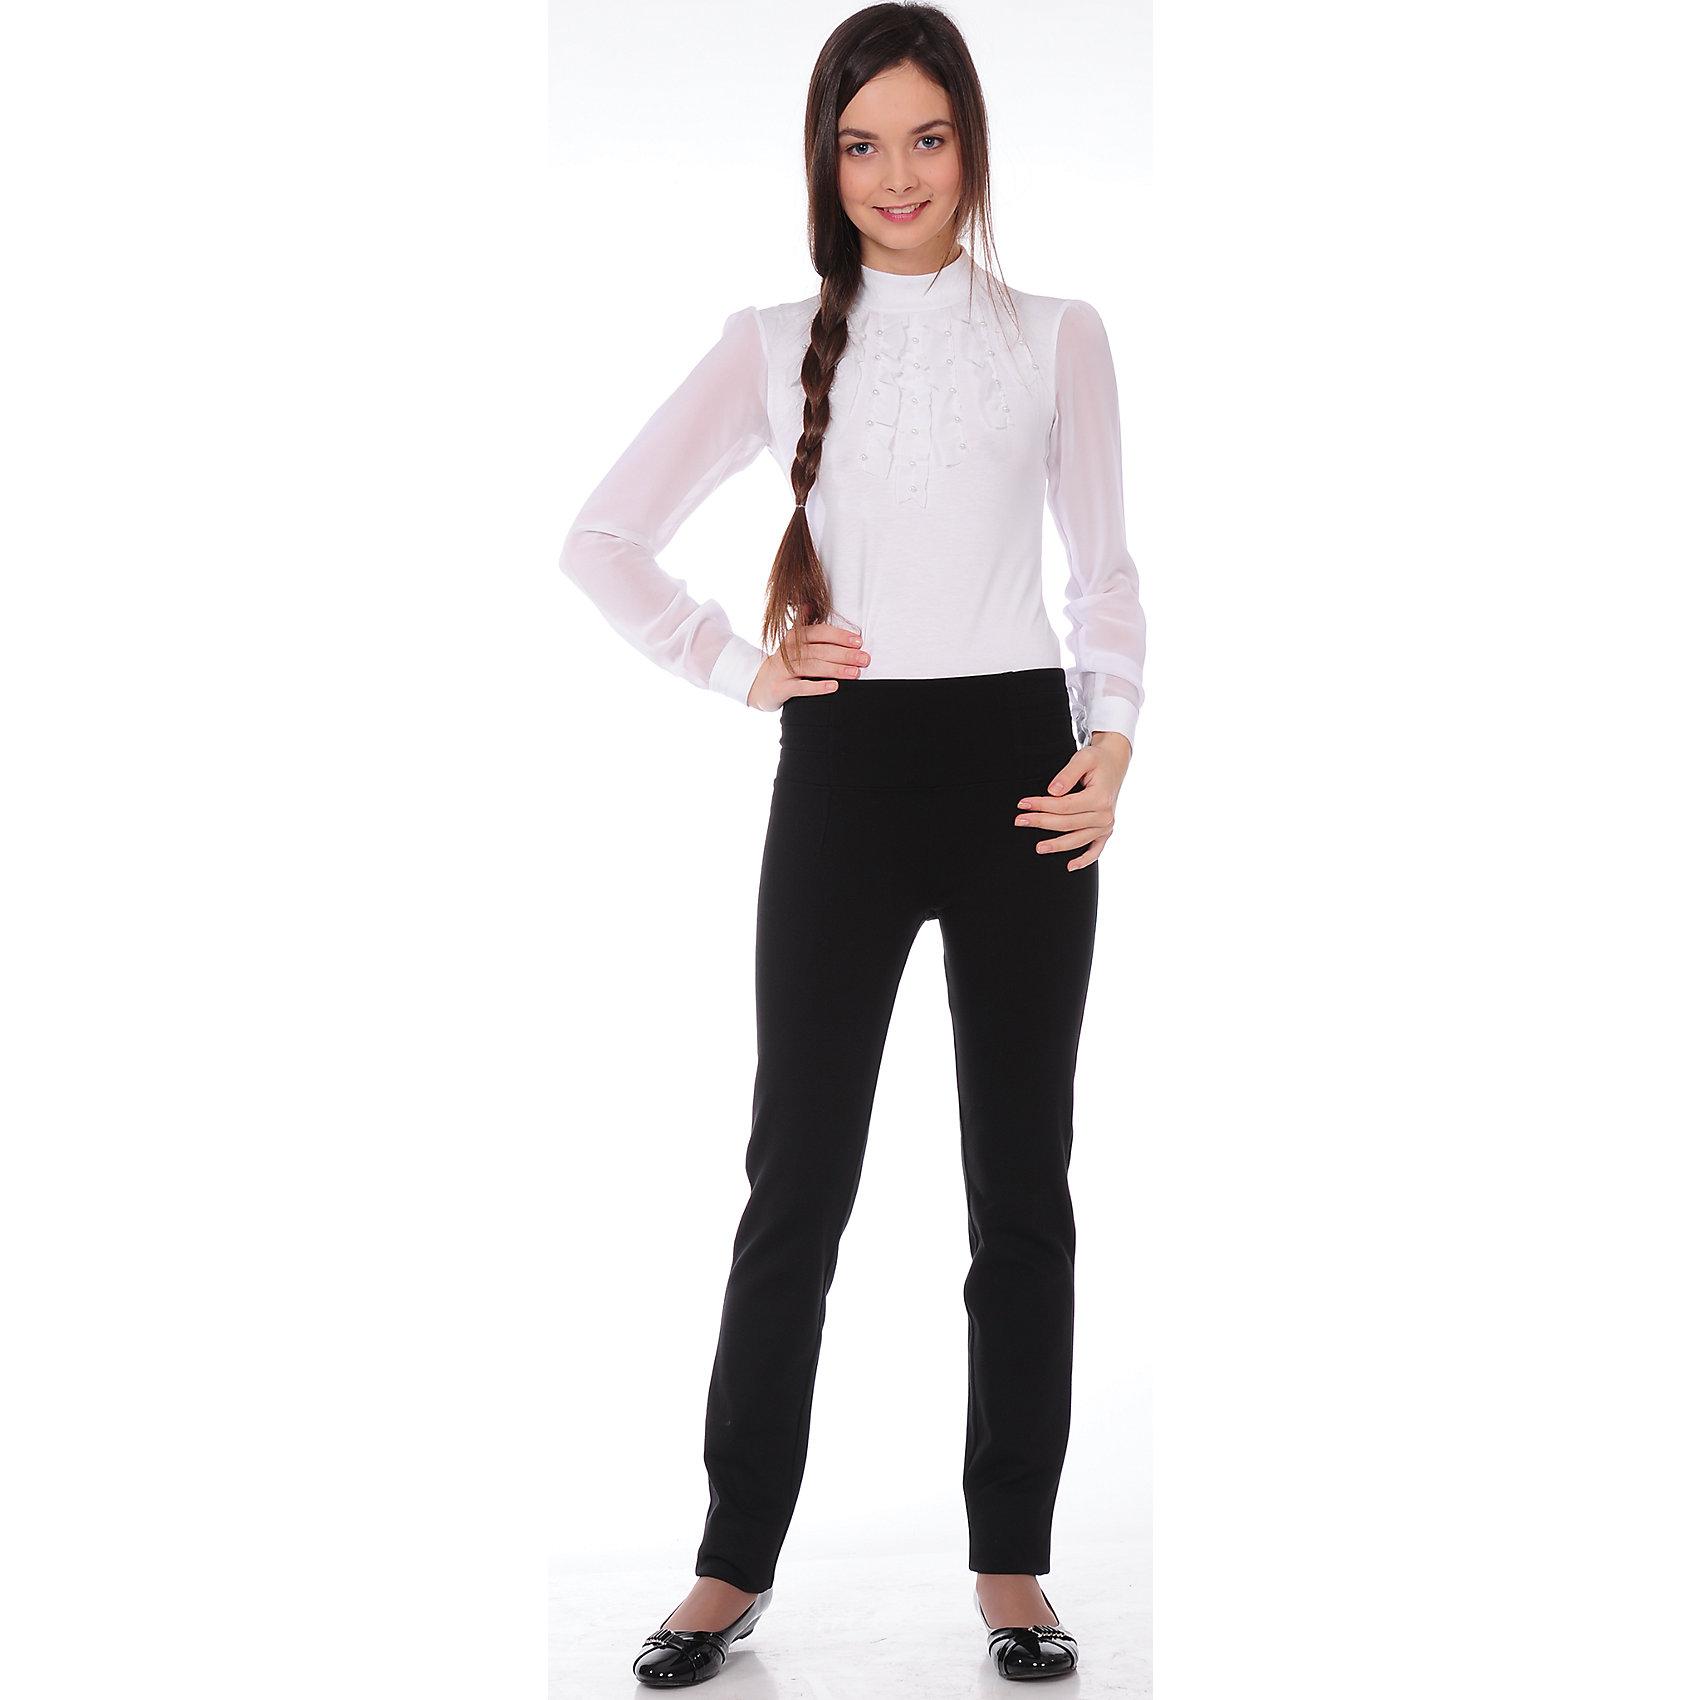 Брюки для девочки Агат SkylakeБрюки<br>Брюки для девочки Агат от известного бренда Skylake<br>Классические   длинные зауженные брюки  для девочек среднего и старшего  возраста. <br>Изготовлены  из однотонной ткани рио-габардин черного  цвета.<br>Пояс брюк с застежкой на одну пуговицу и шлевками для<br>ремня. Ремень в состав изделия не входит.<br>Застежка - гульфик на  молнии. <br>На передних половинках брюк имеются боковые косые карманы.<br>Комплектуются с жакетом ШФ-99, ШФ-334 или жилетом ШФ-337. <br>Состав:<br>60%п/э,35%виск,5%лайкра (ПУ)<br><br>Ширина мм: 215<br>Глубина мм: 88<br>Высота мм: 191<br>Вес г: 336<br>Цвет: черный<br>Возраст от месяцев: 132<br>Возраст до месяцев: 144<br>Пол: Женский<br>Возраст: Детский<br>Размер: 152,146,170,164,158<br>SKU: 4709845